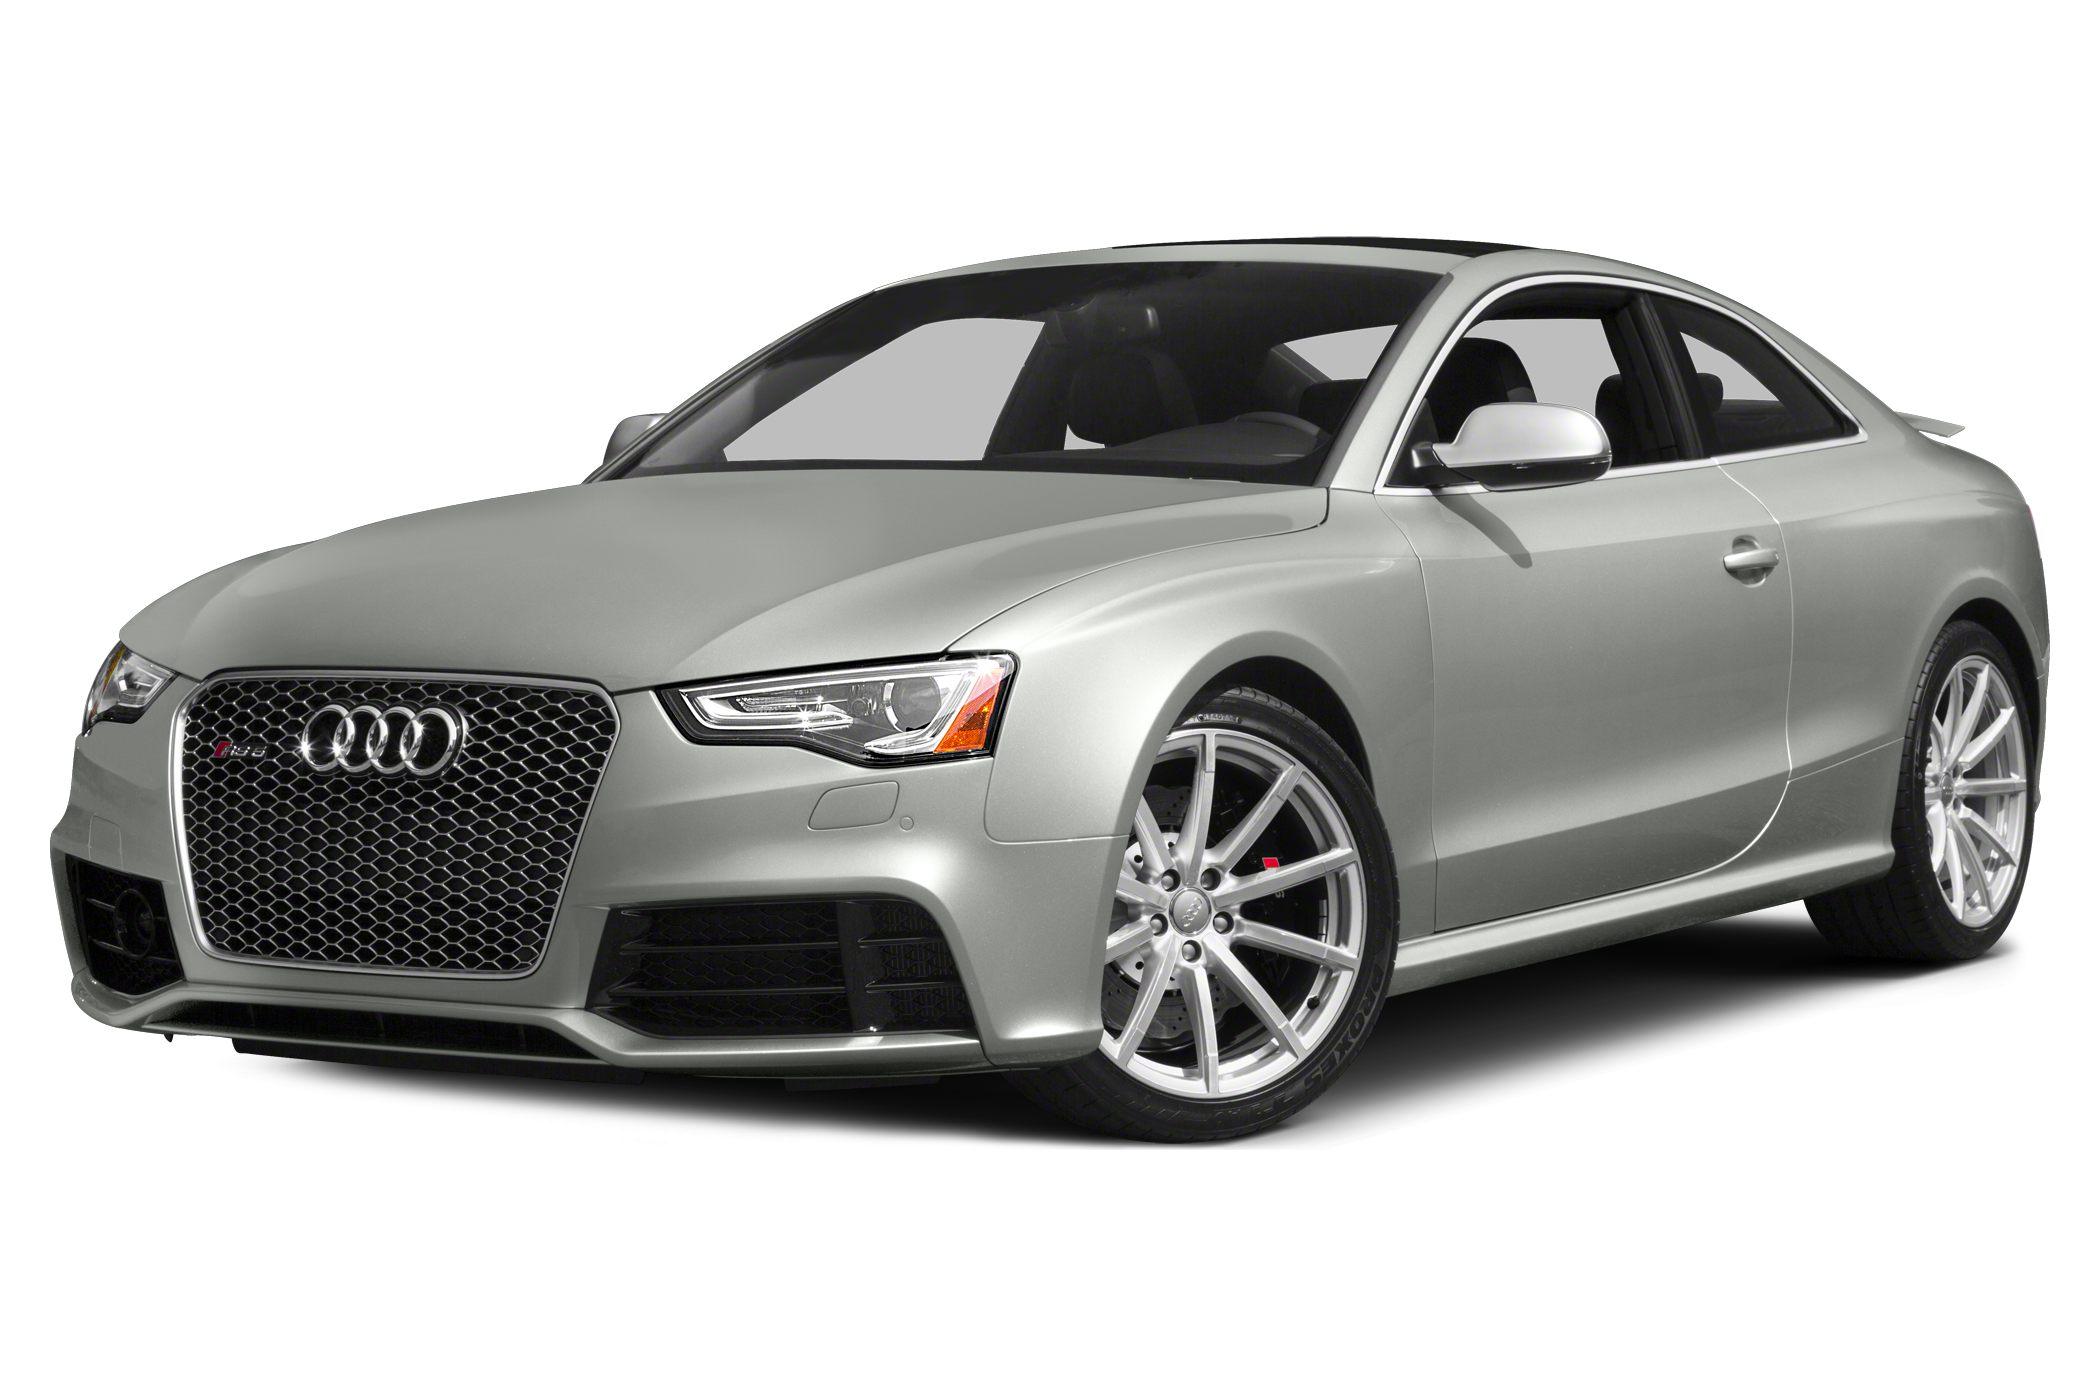 Kekurangan Audi Rs5 2013 Review